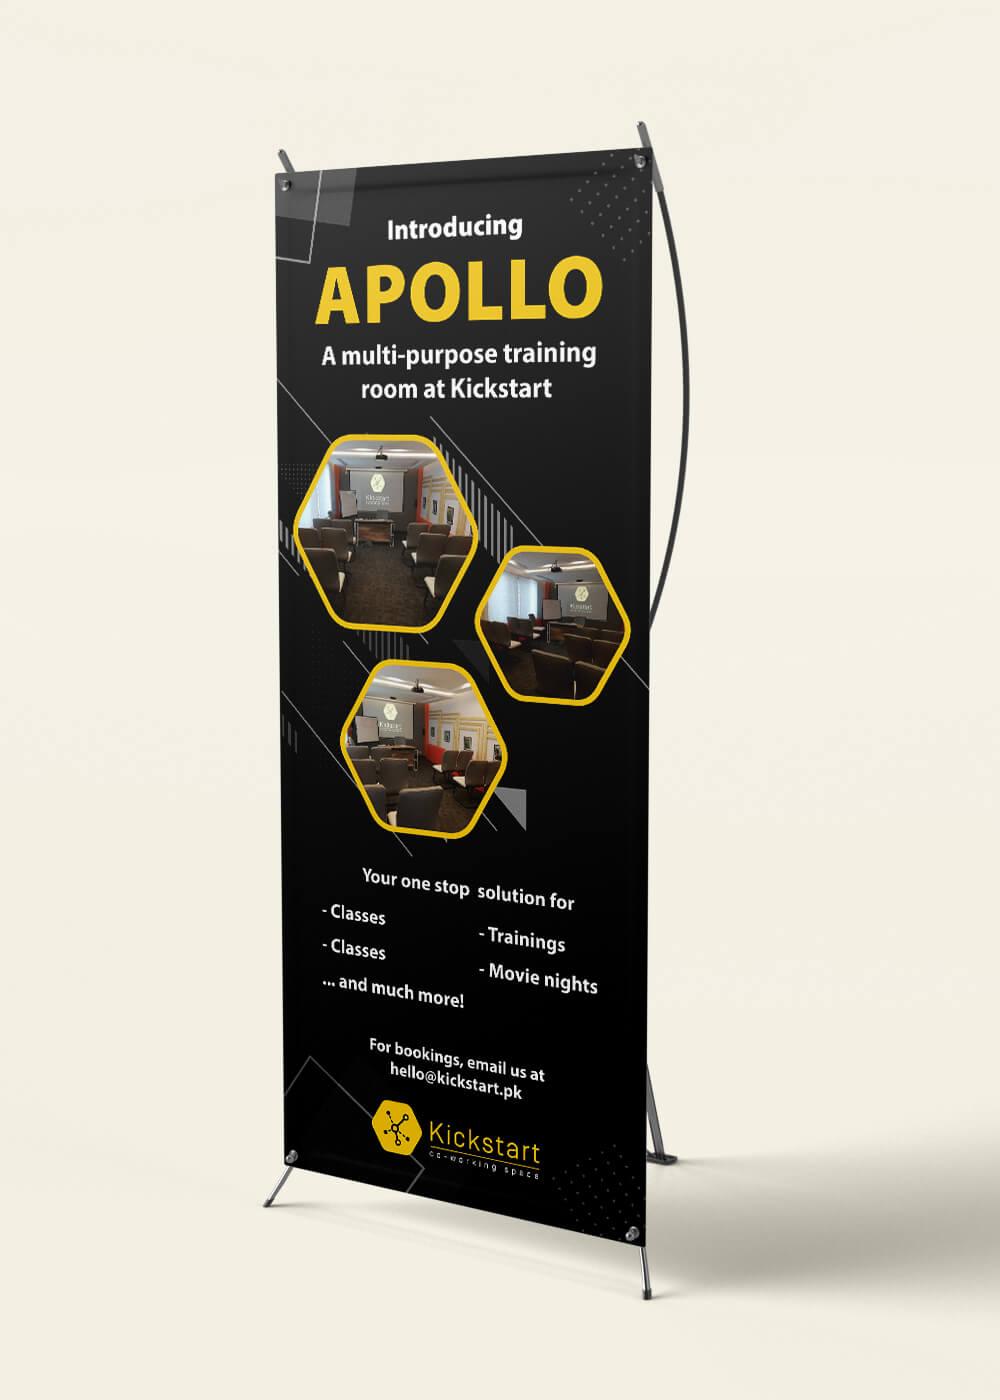 Kickstart - Apollo Introductory